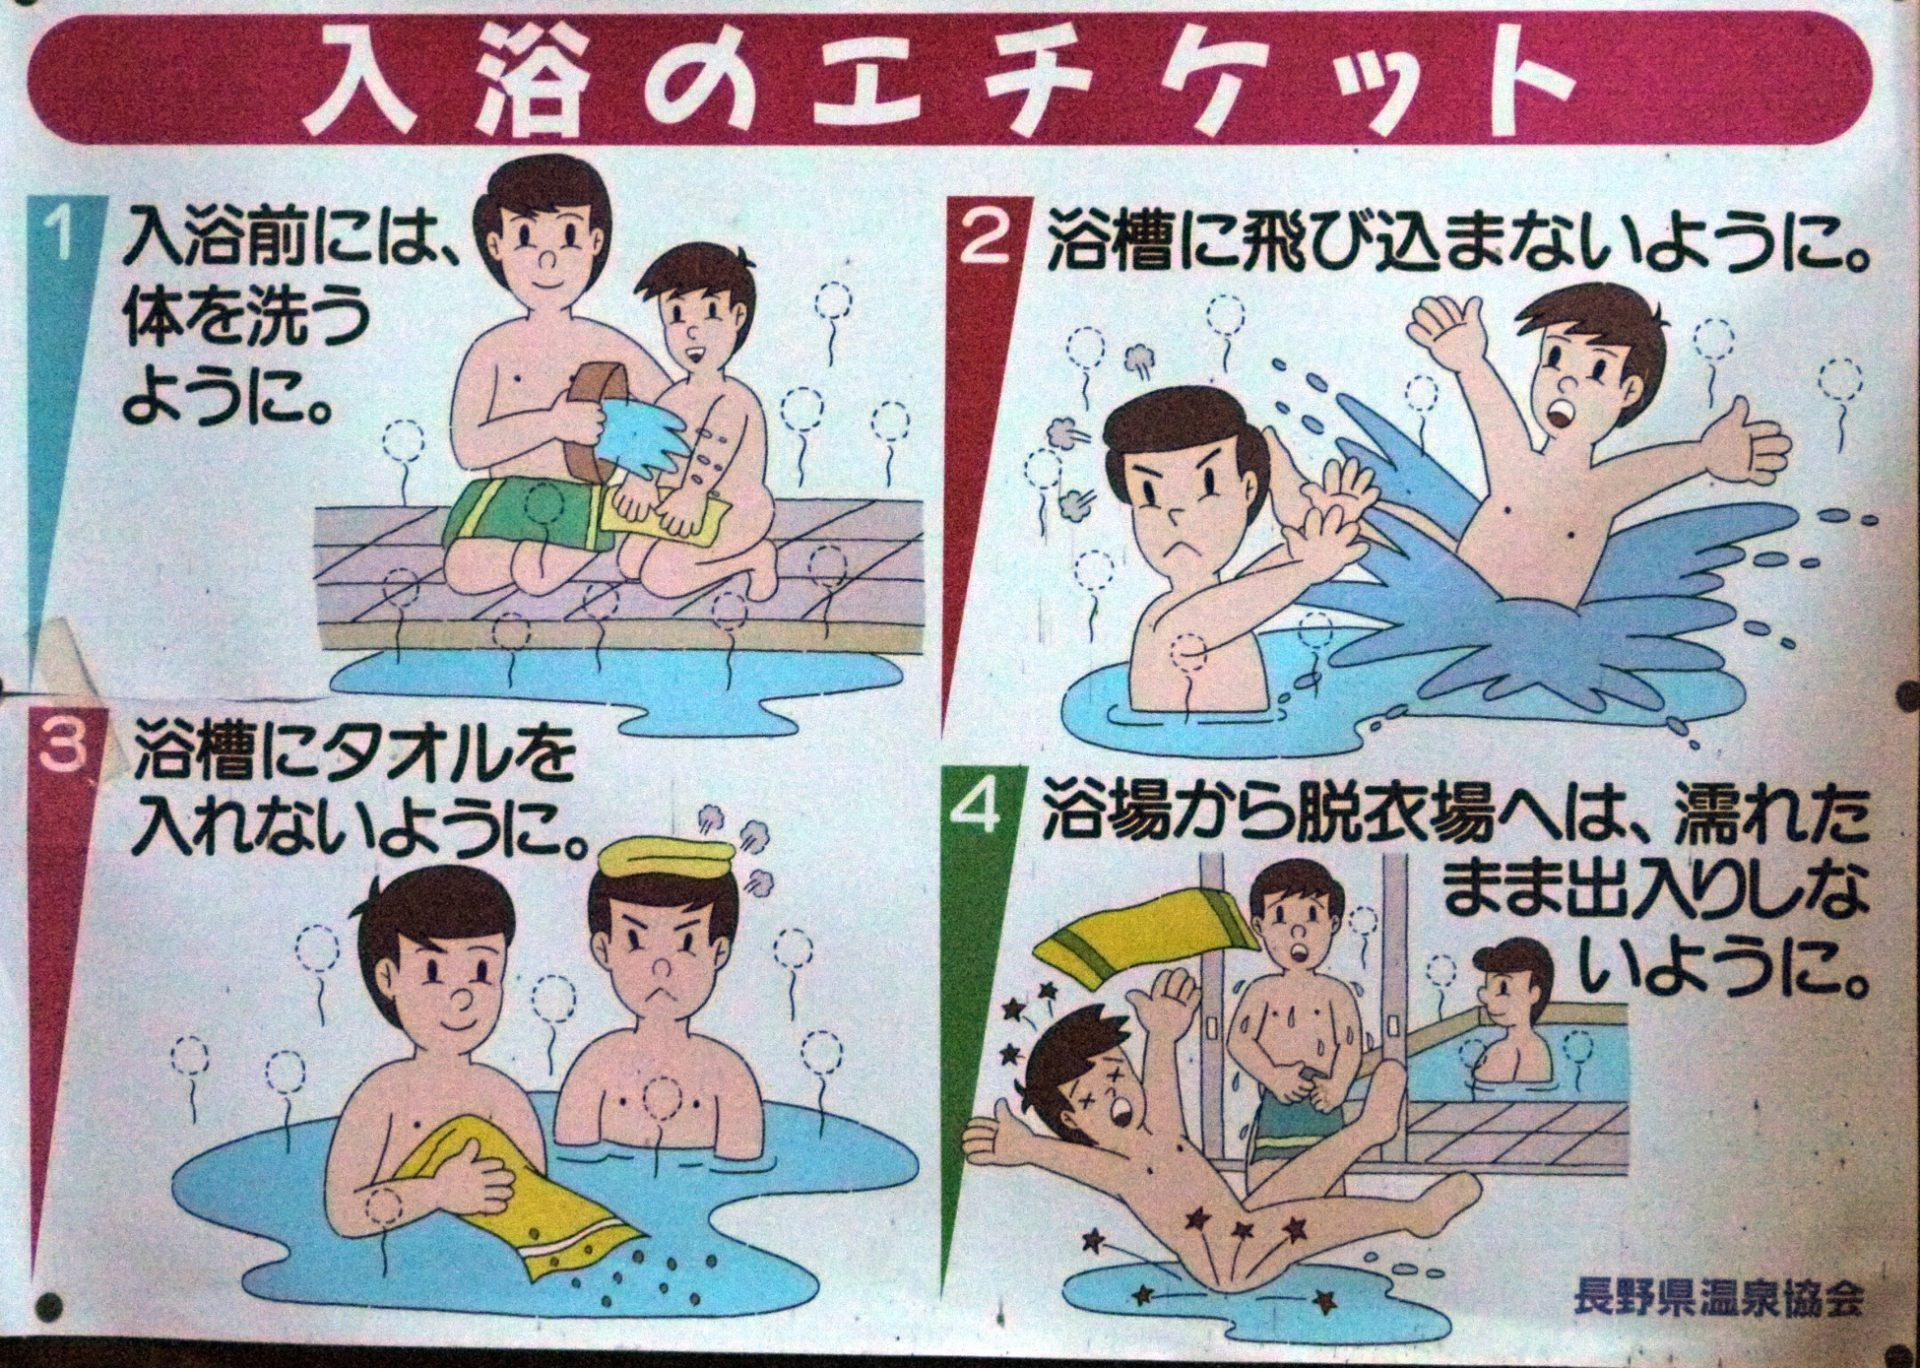 Muista kylpysäännöt! Kuva: Ryan McBride, flickr.com, CC BY-SA 2.0.